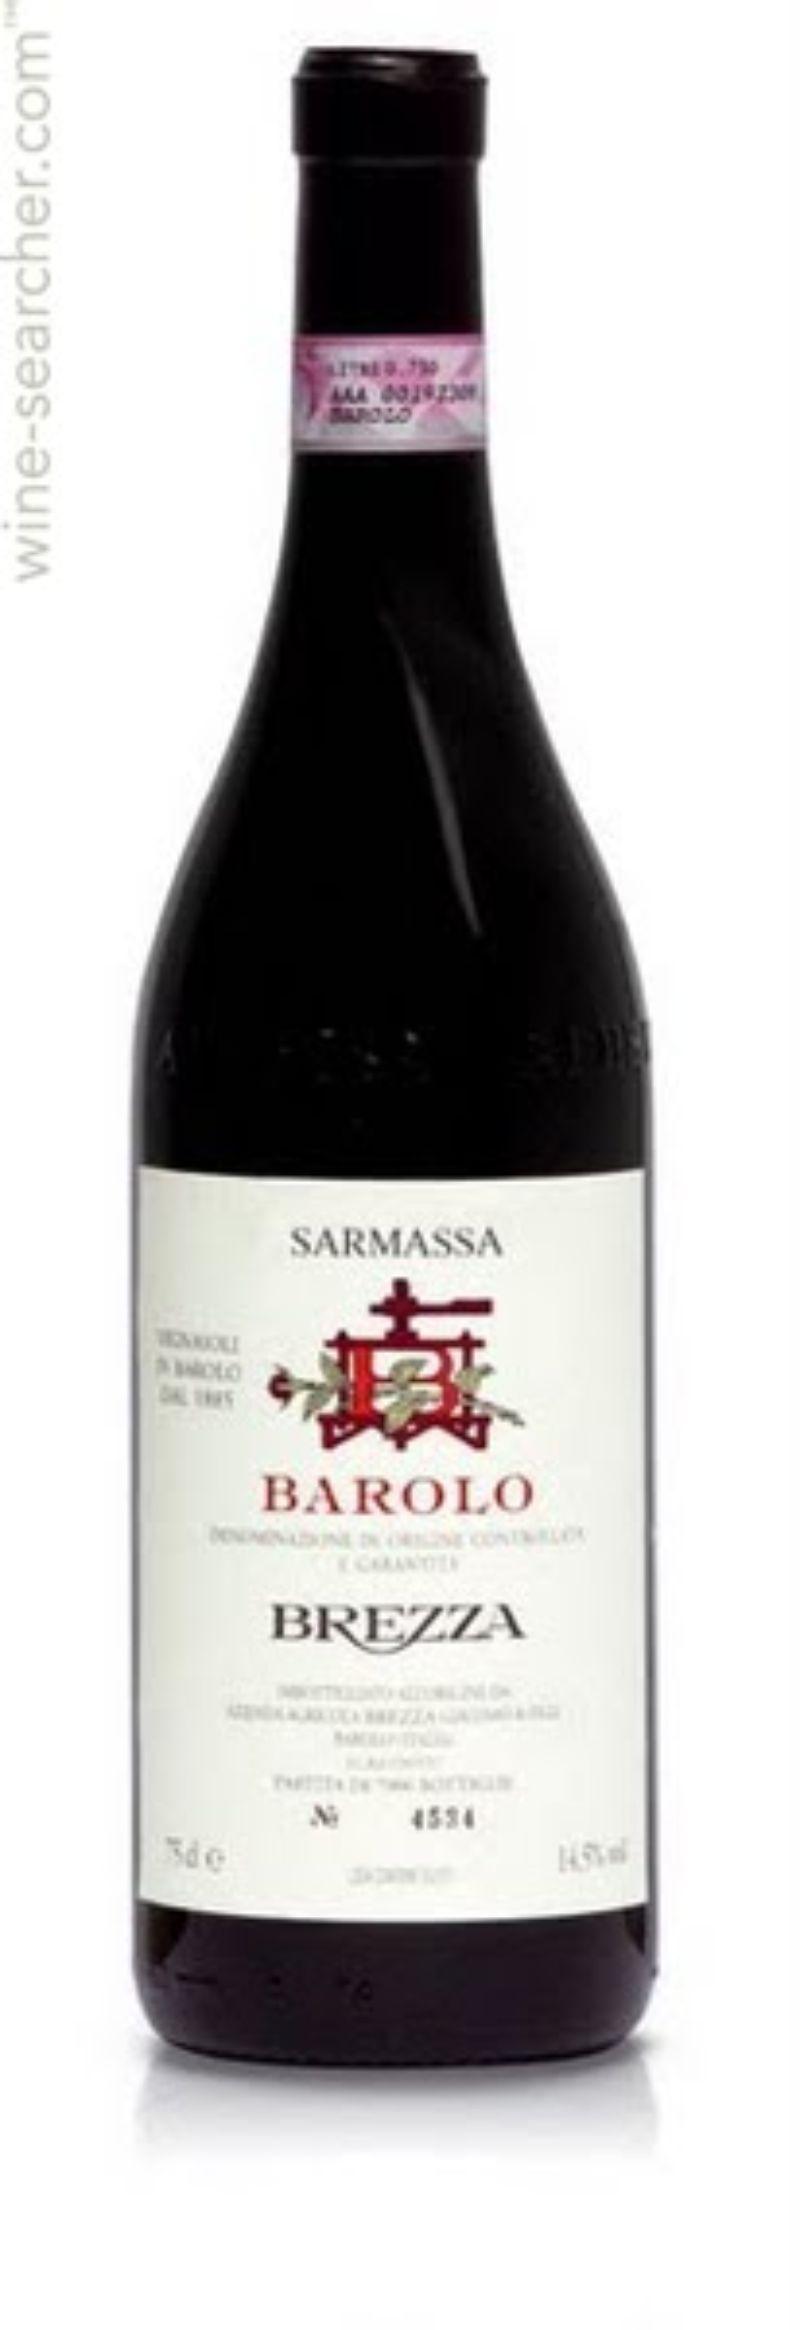 BAROLO-SARMASSA-BREZZA-2005-0.75